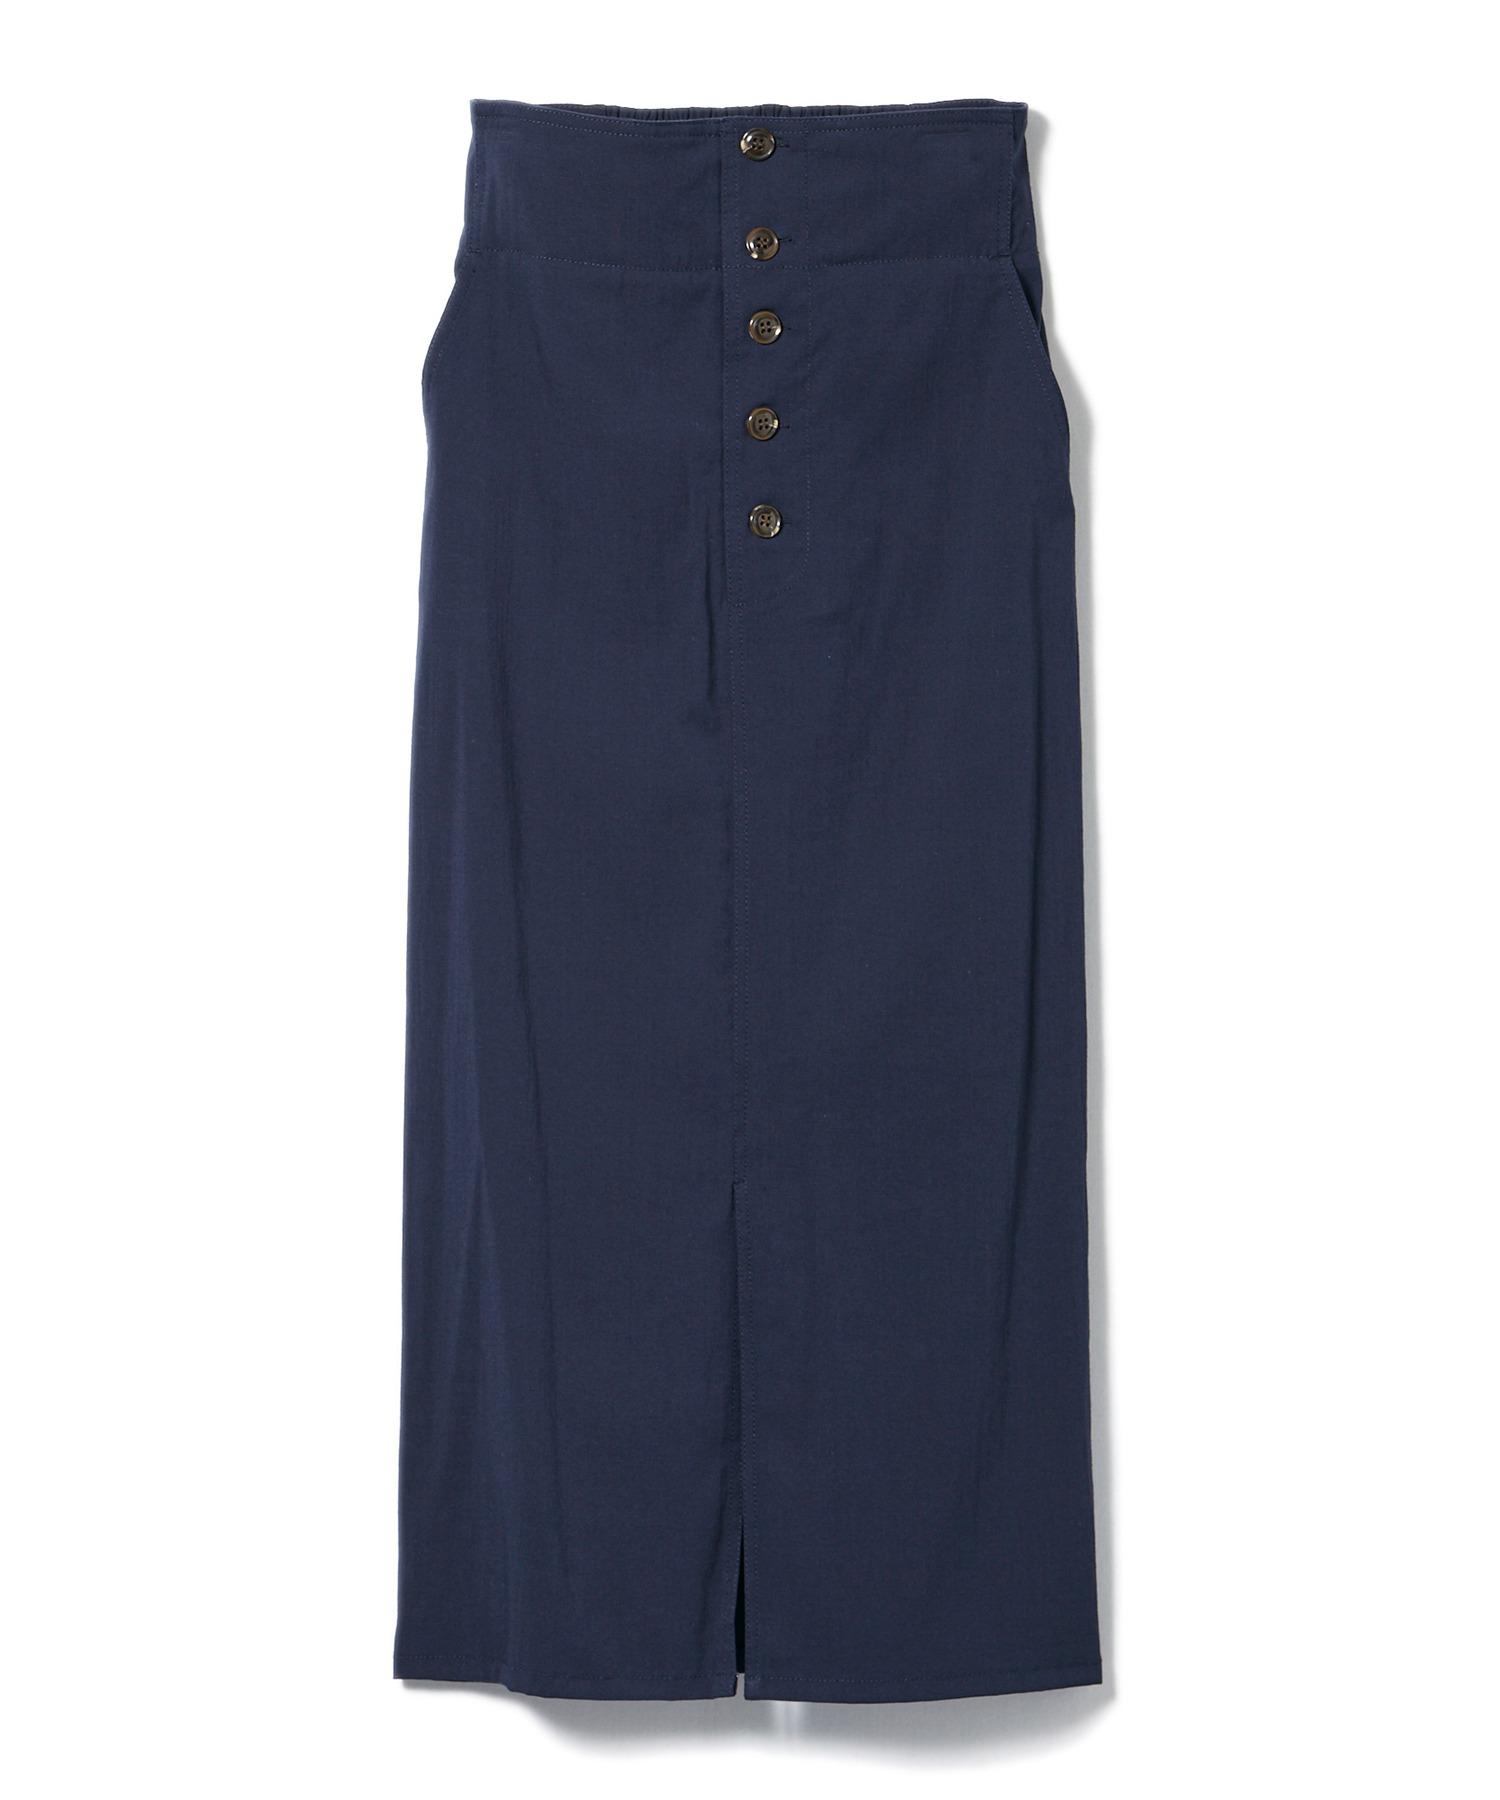 【安田美沙子×DRWCYS】ハイウエストタイトスカート